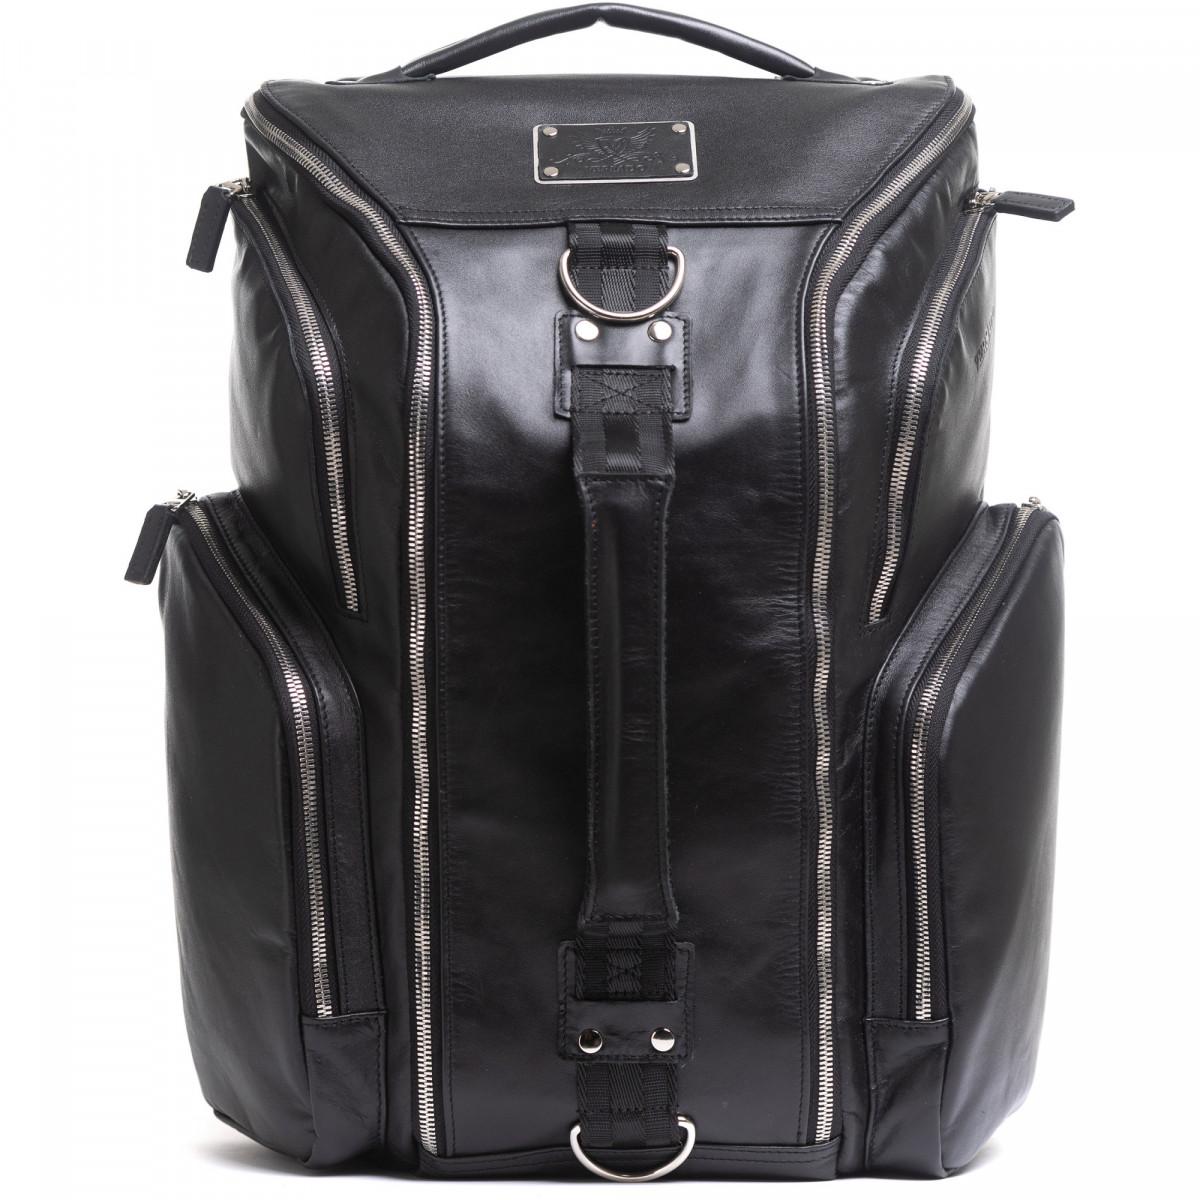 61bba1436386 Сумка-рюкзак VERSADO 278 купить в Минске Сумки мужские Мужская коллекция